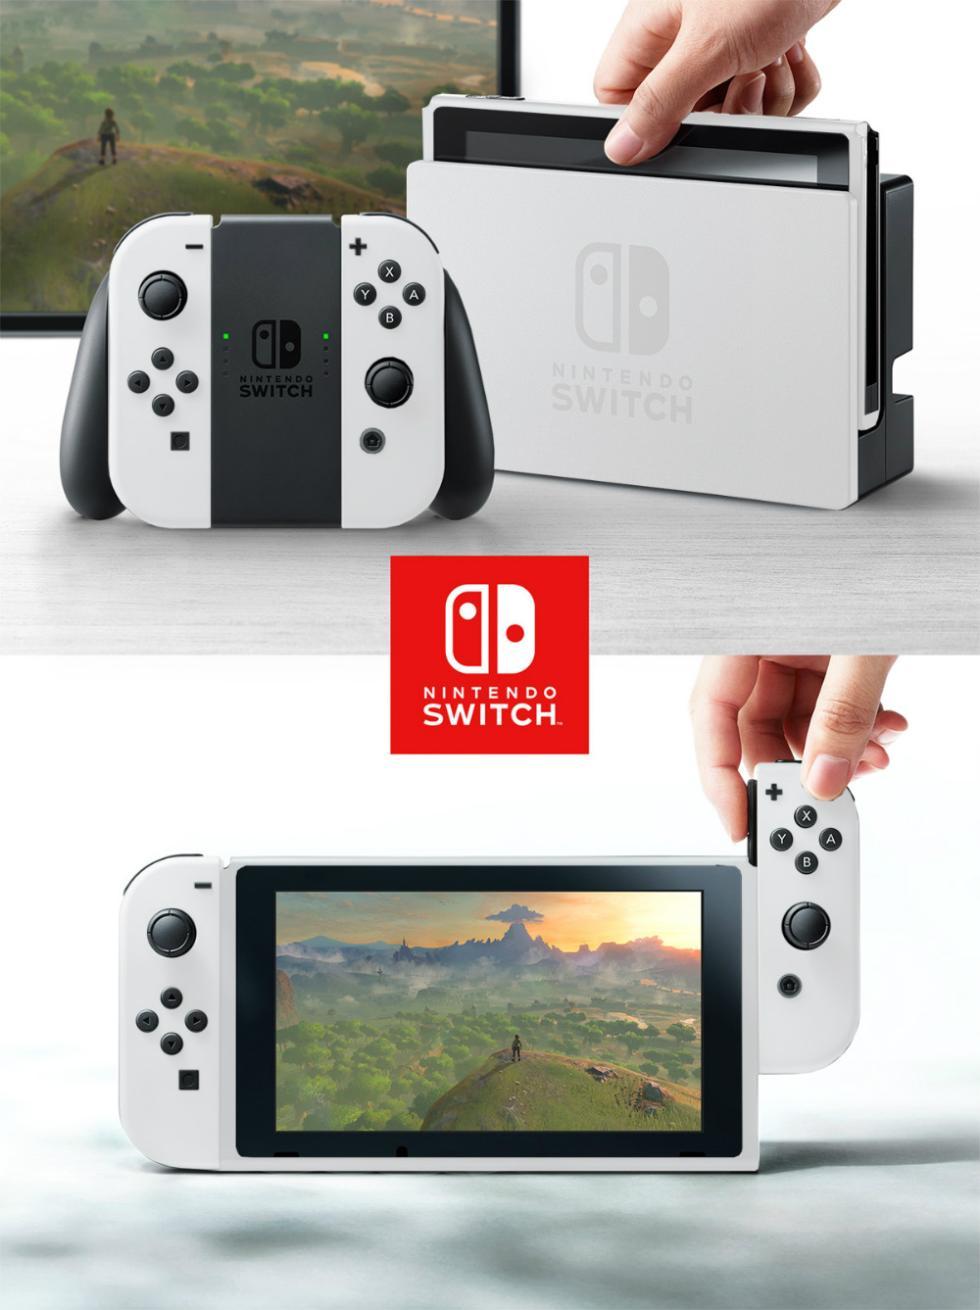 Nintendo Switch con carcasa de Wii